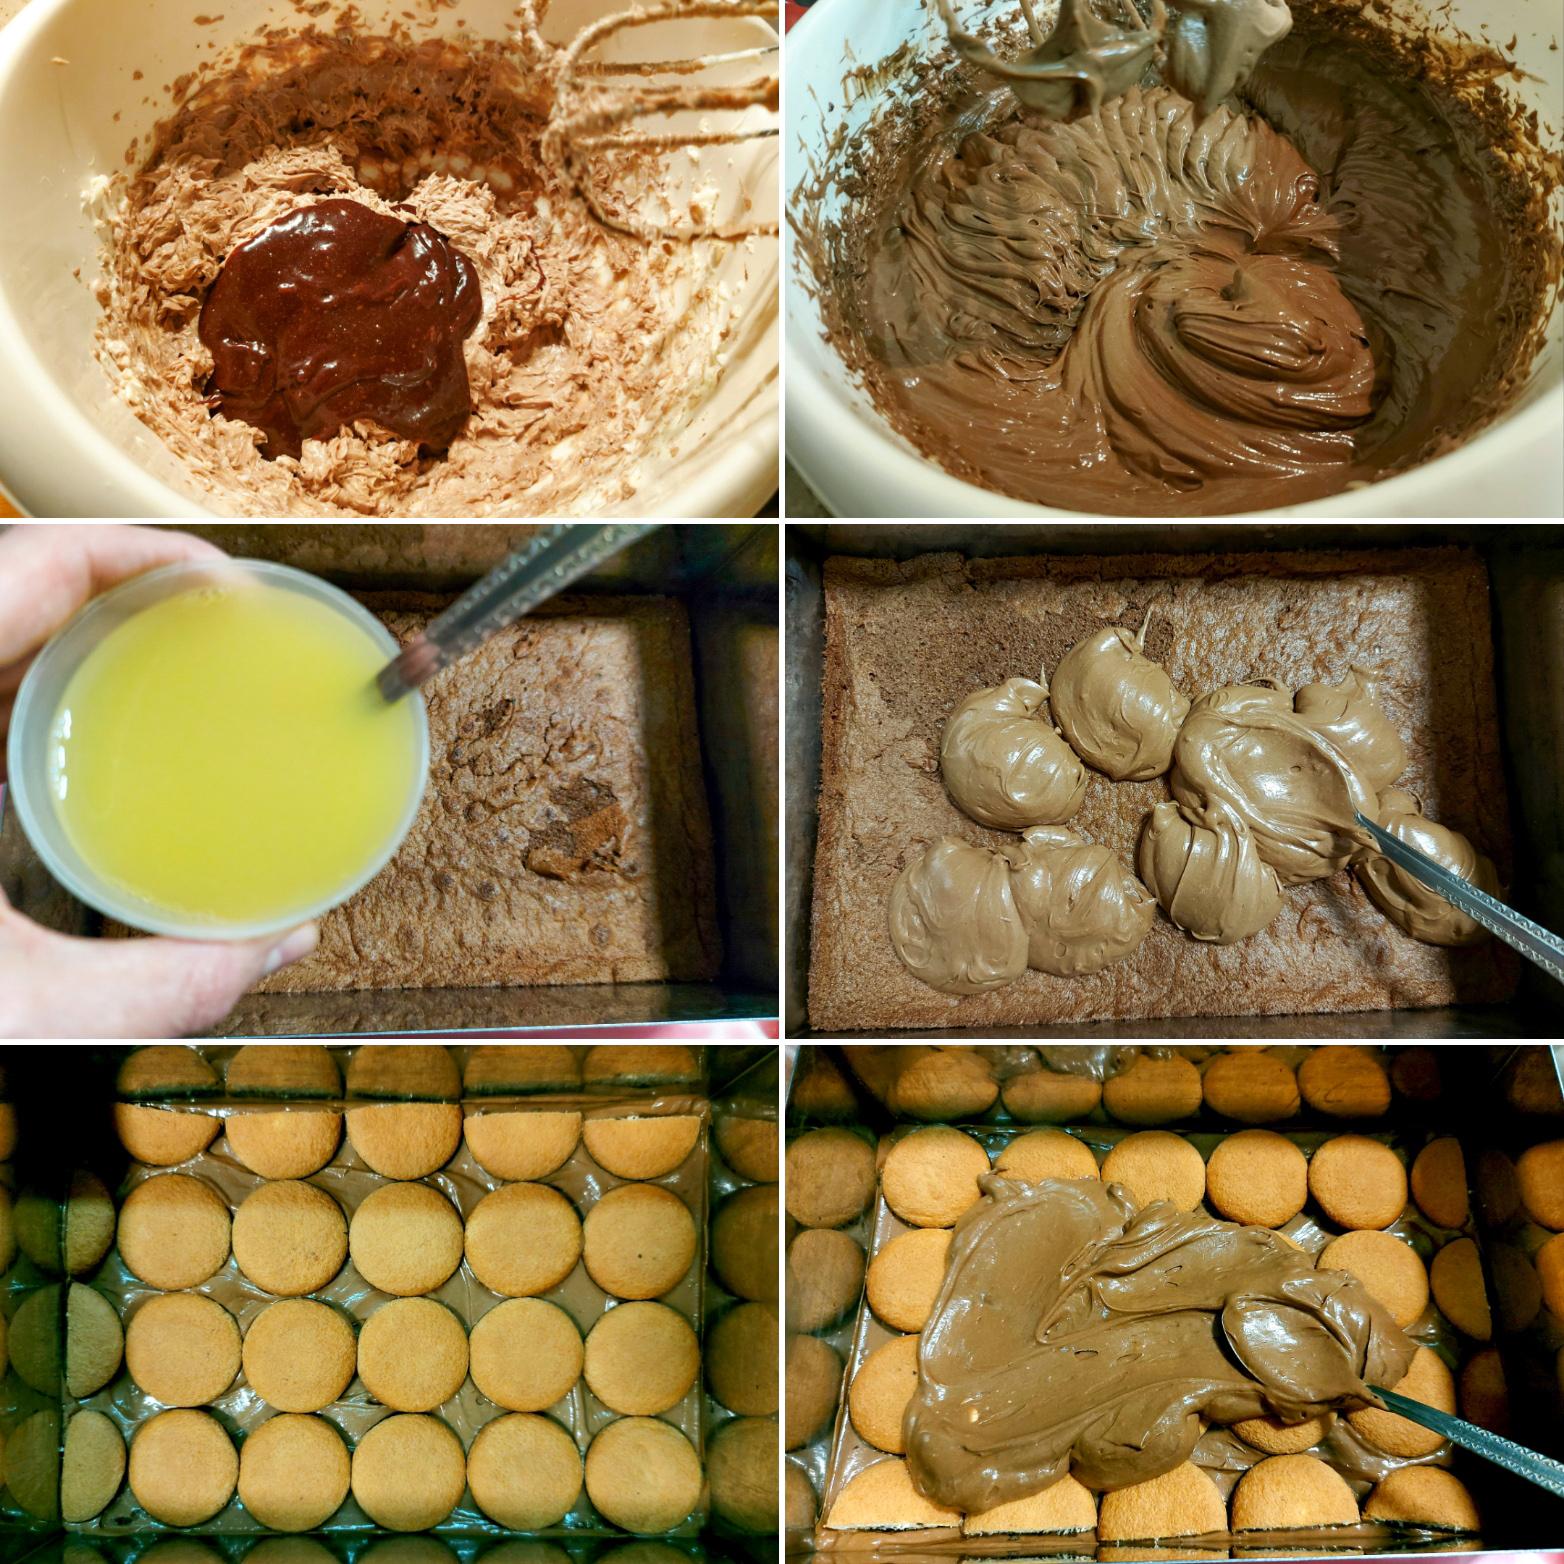 Cokoladna-jaffa-torta-91